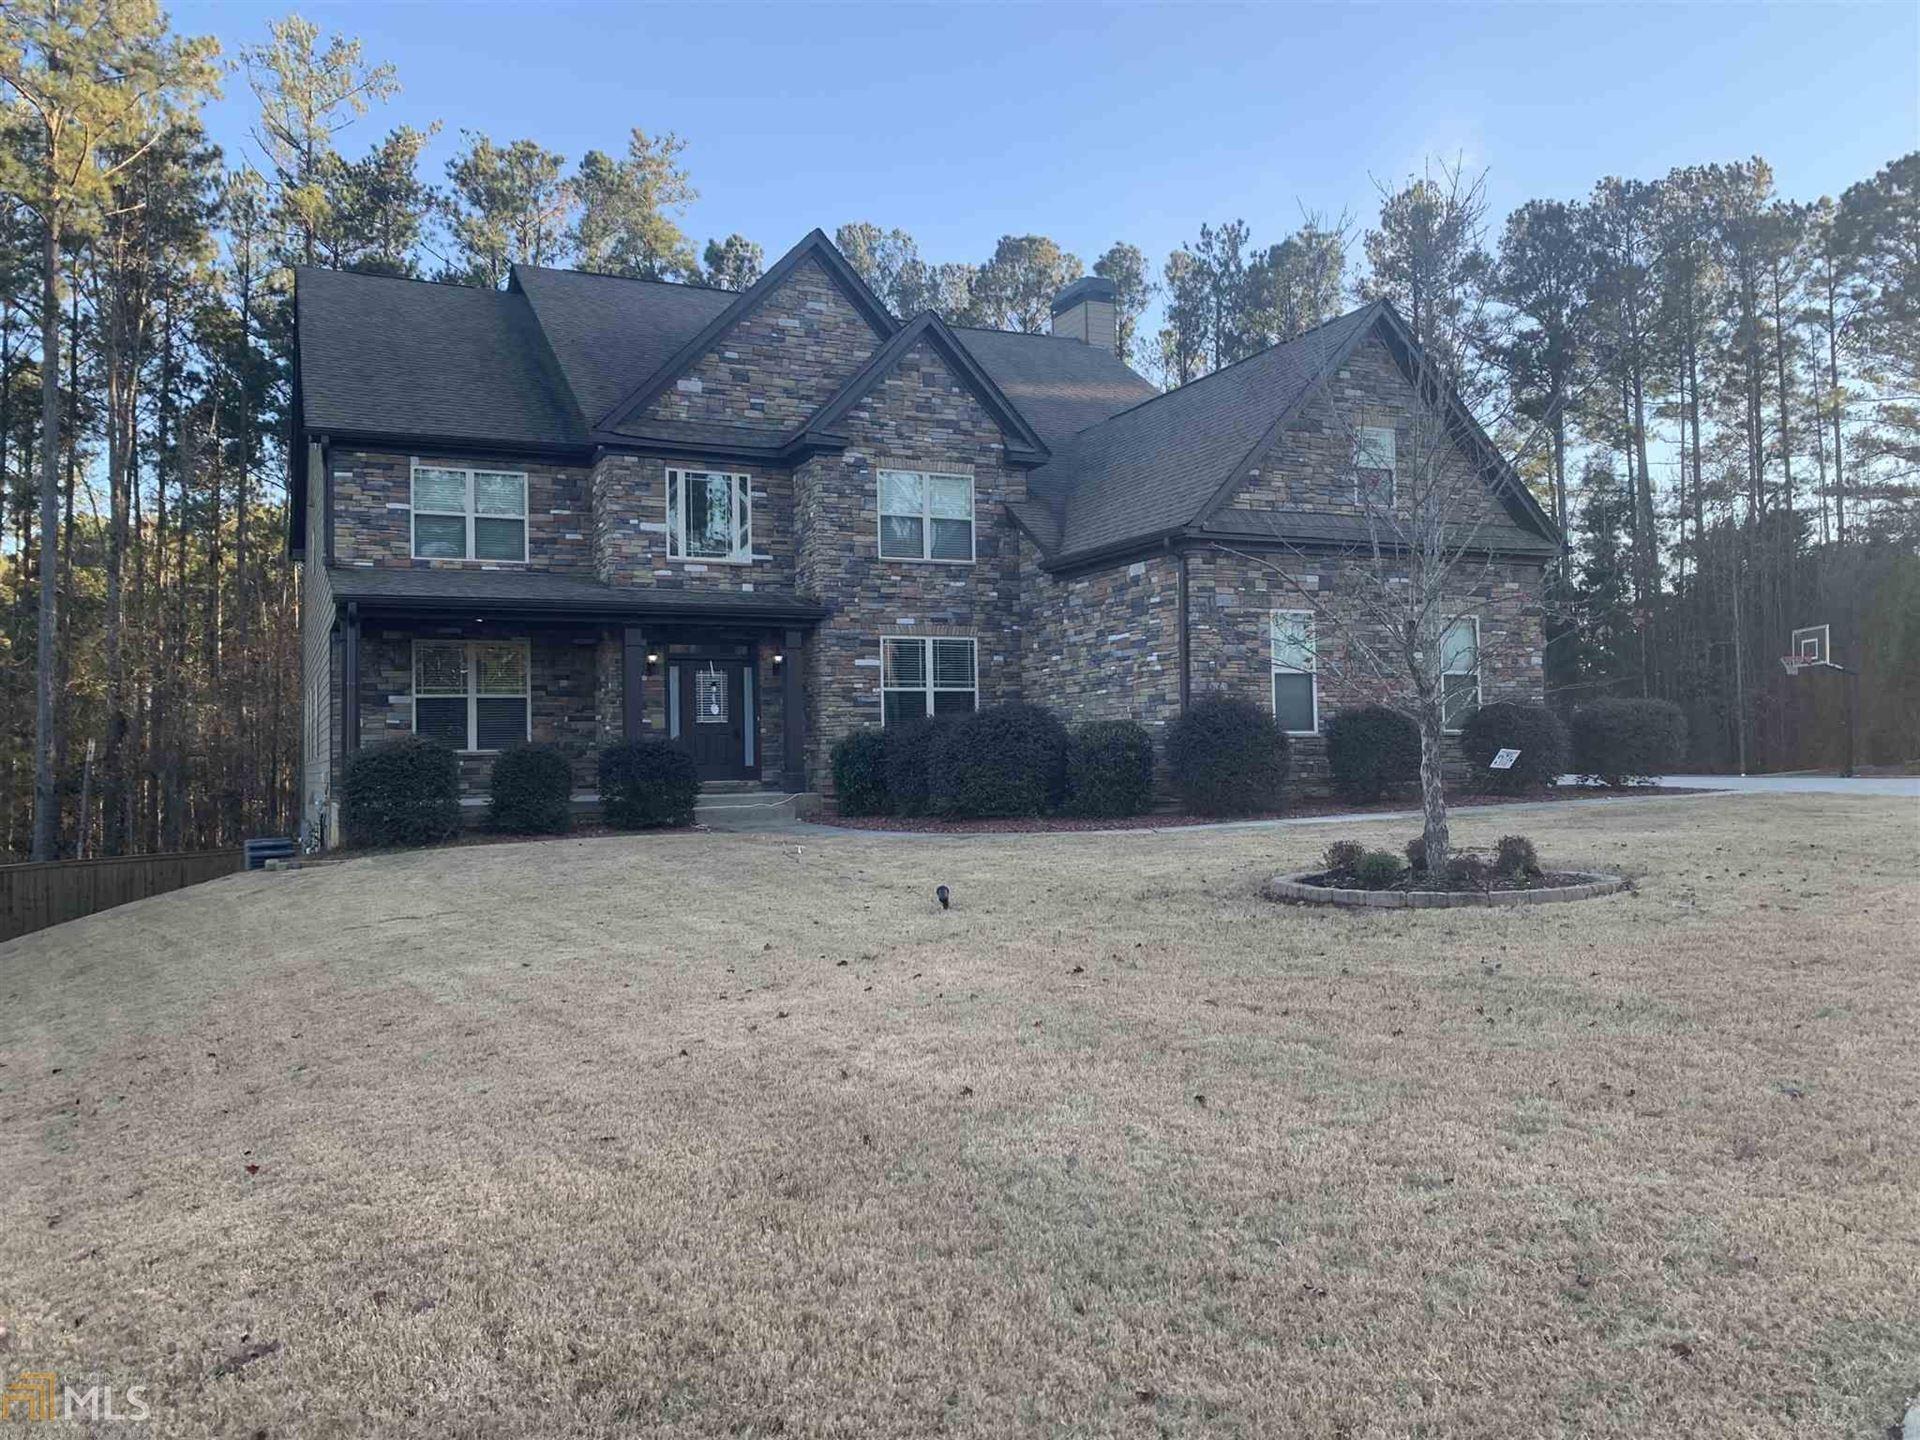 120 Meade Wood Ct, Fayetteville, GA 30215 - #: 8916305